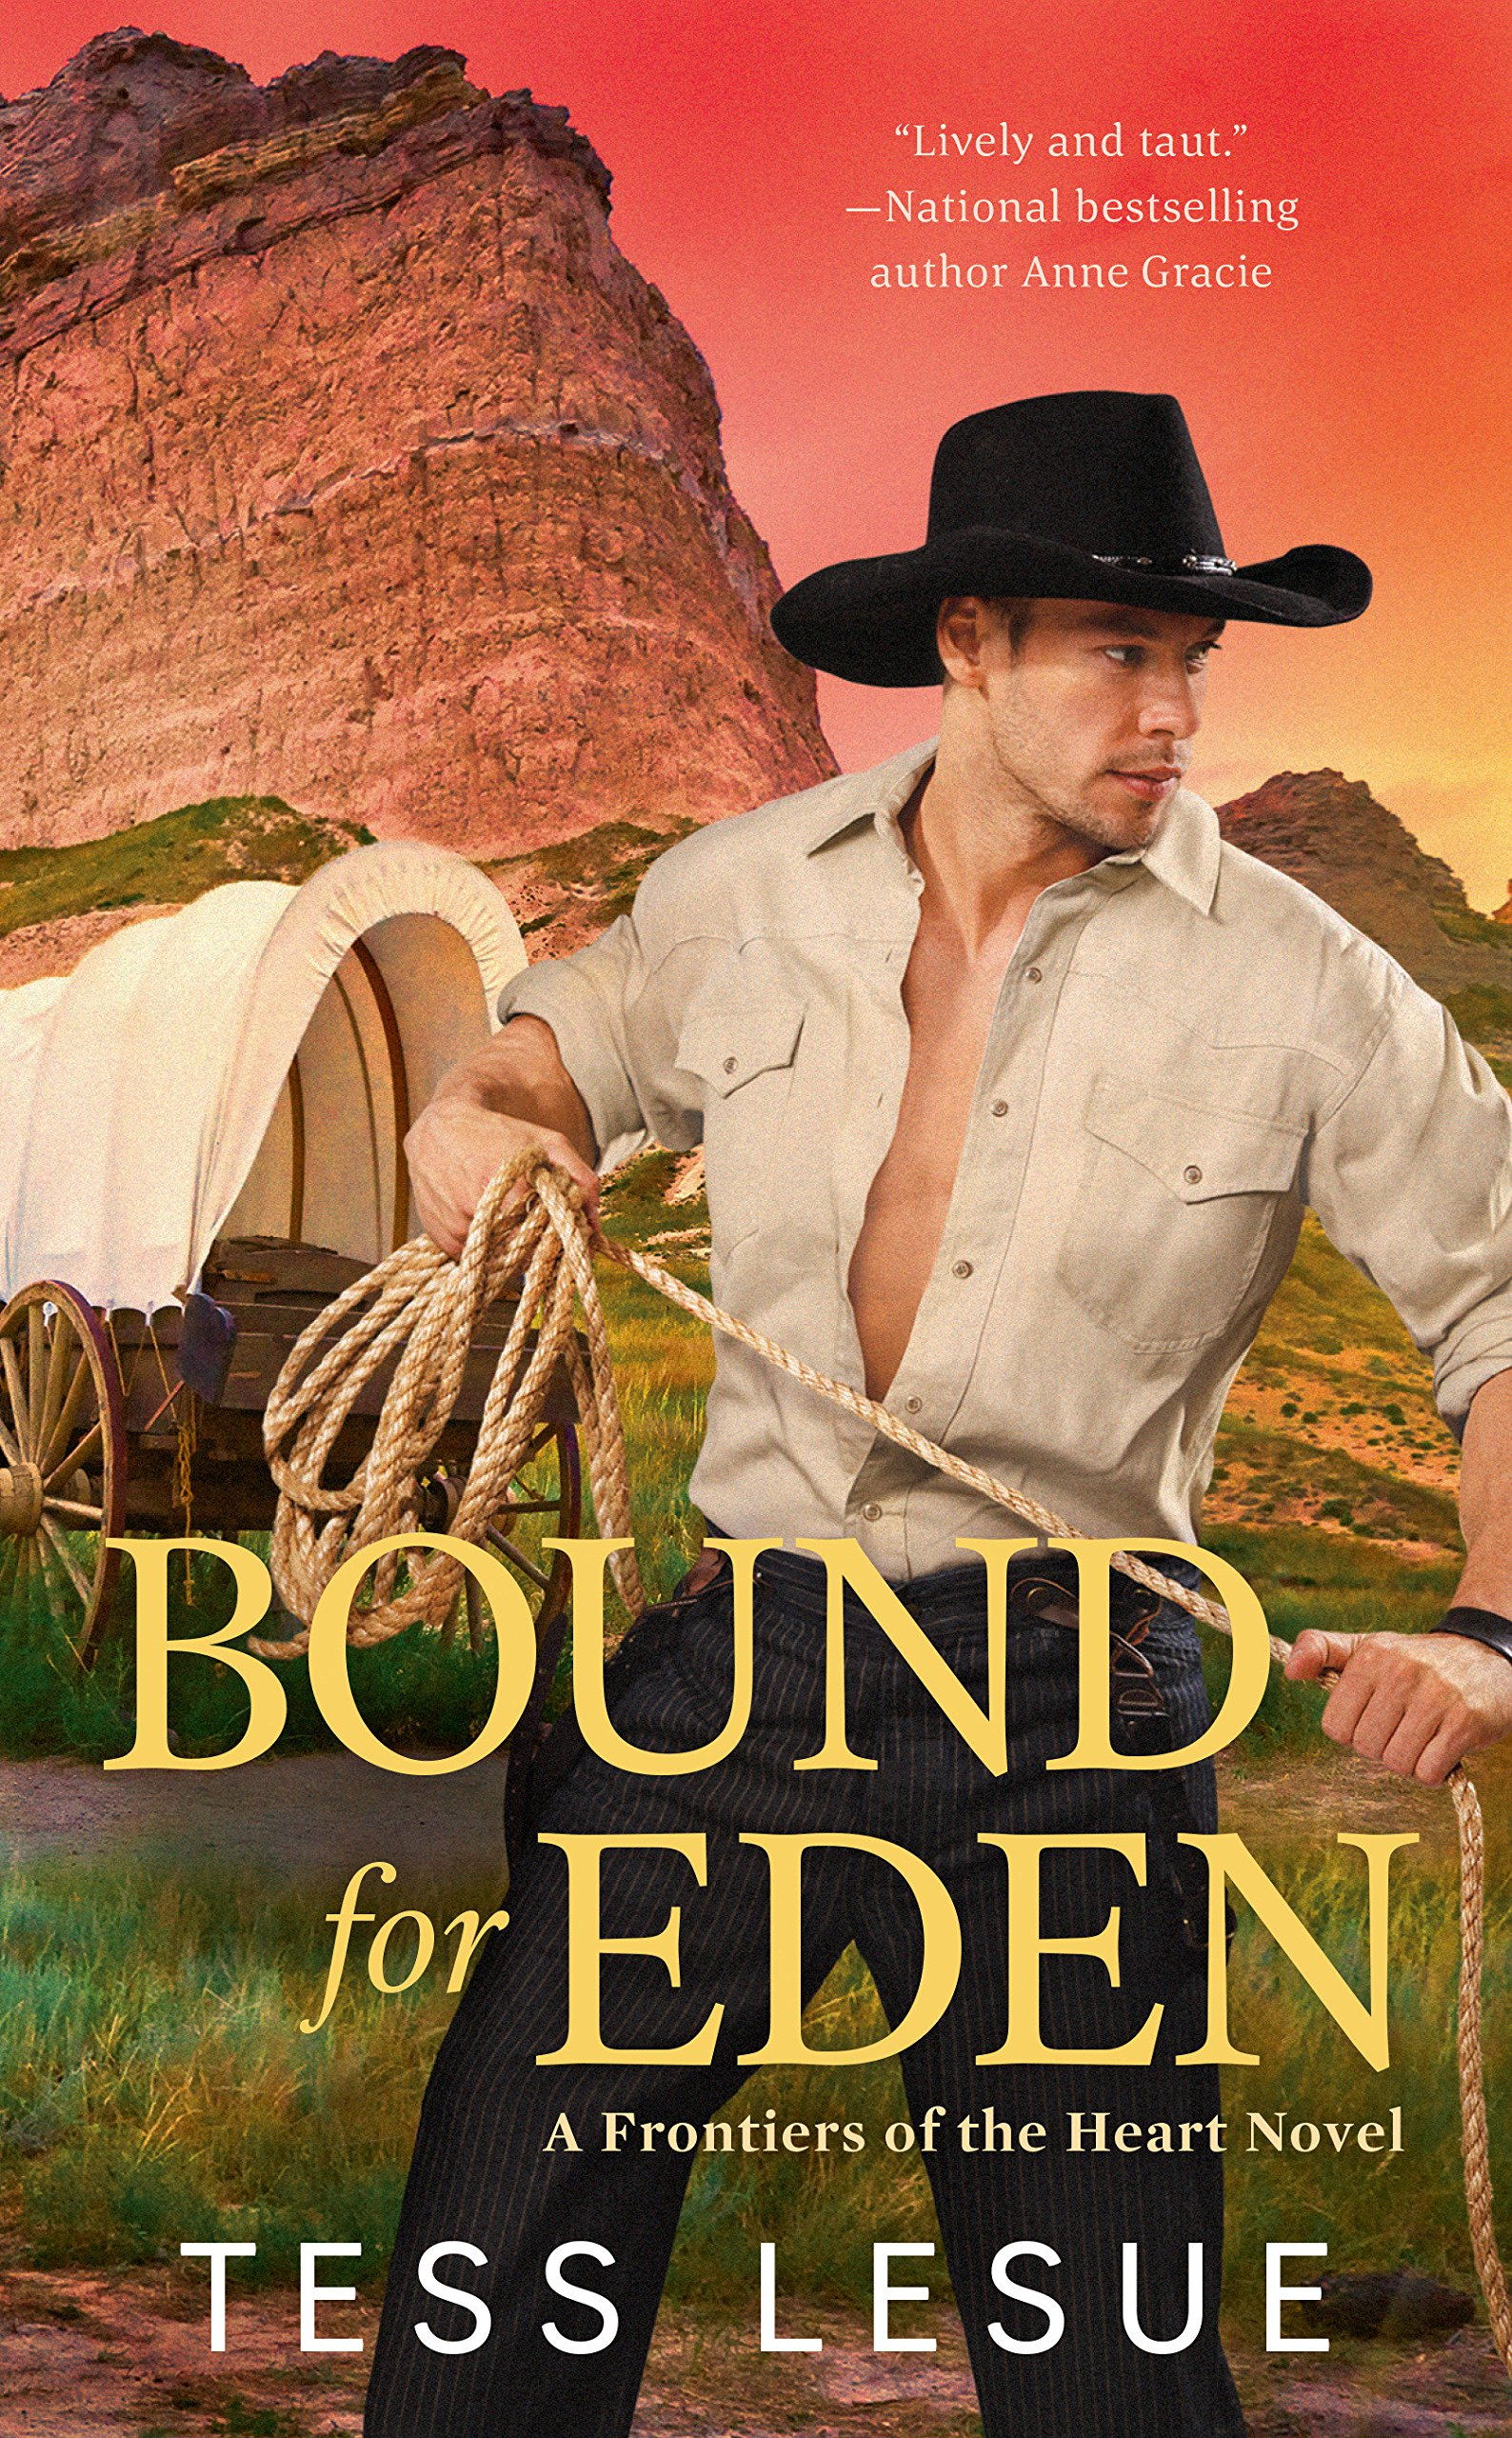 bound for eden.jpg